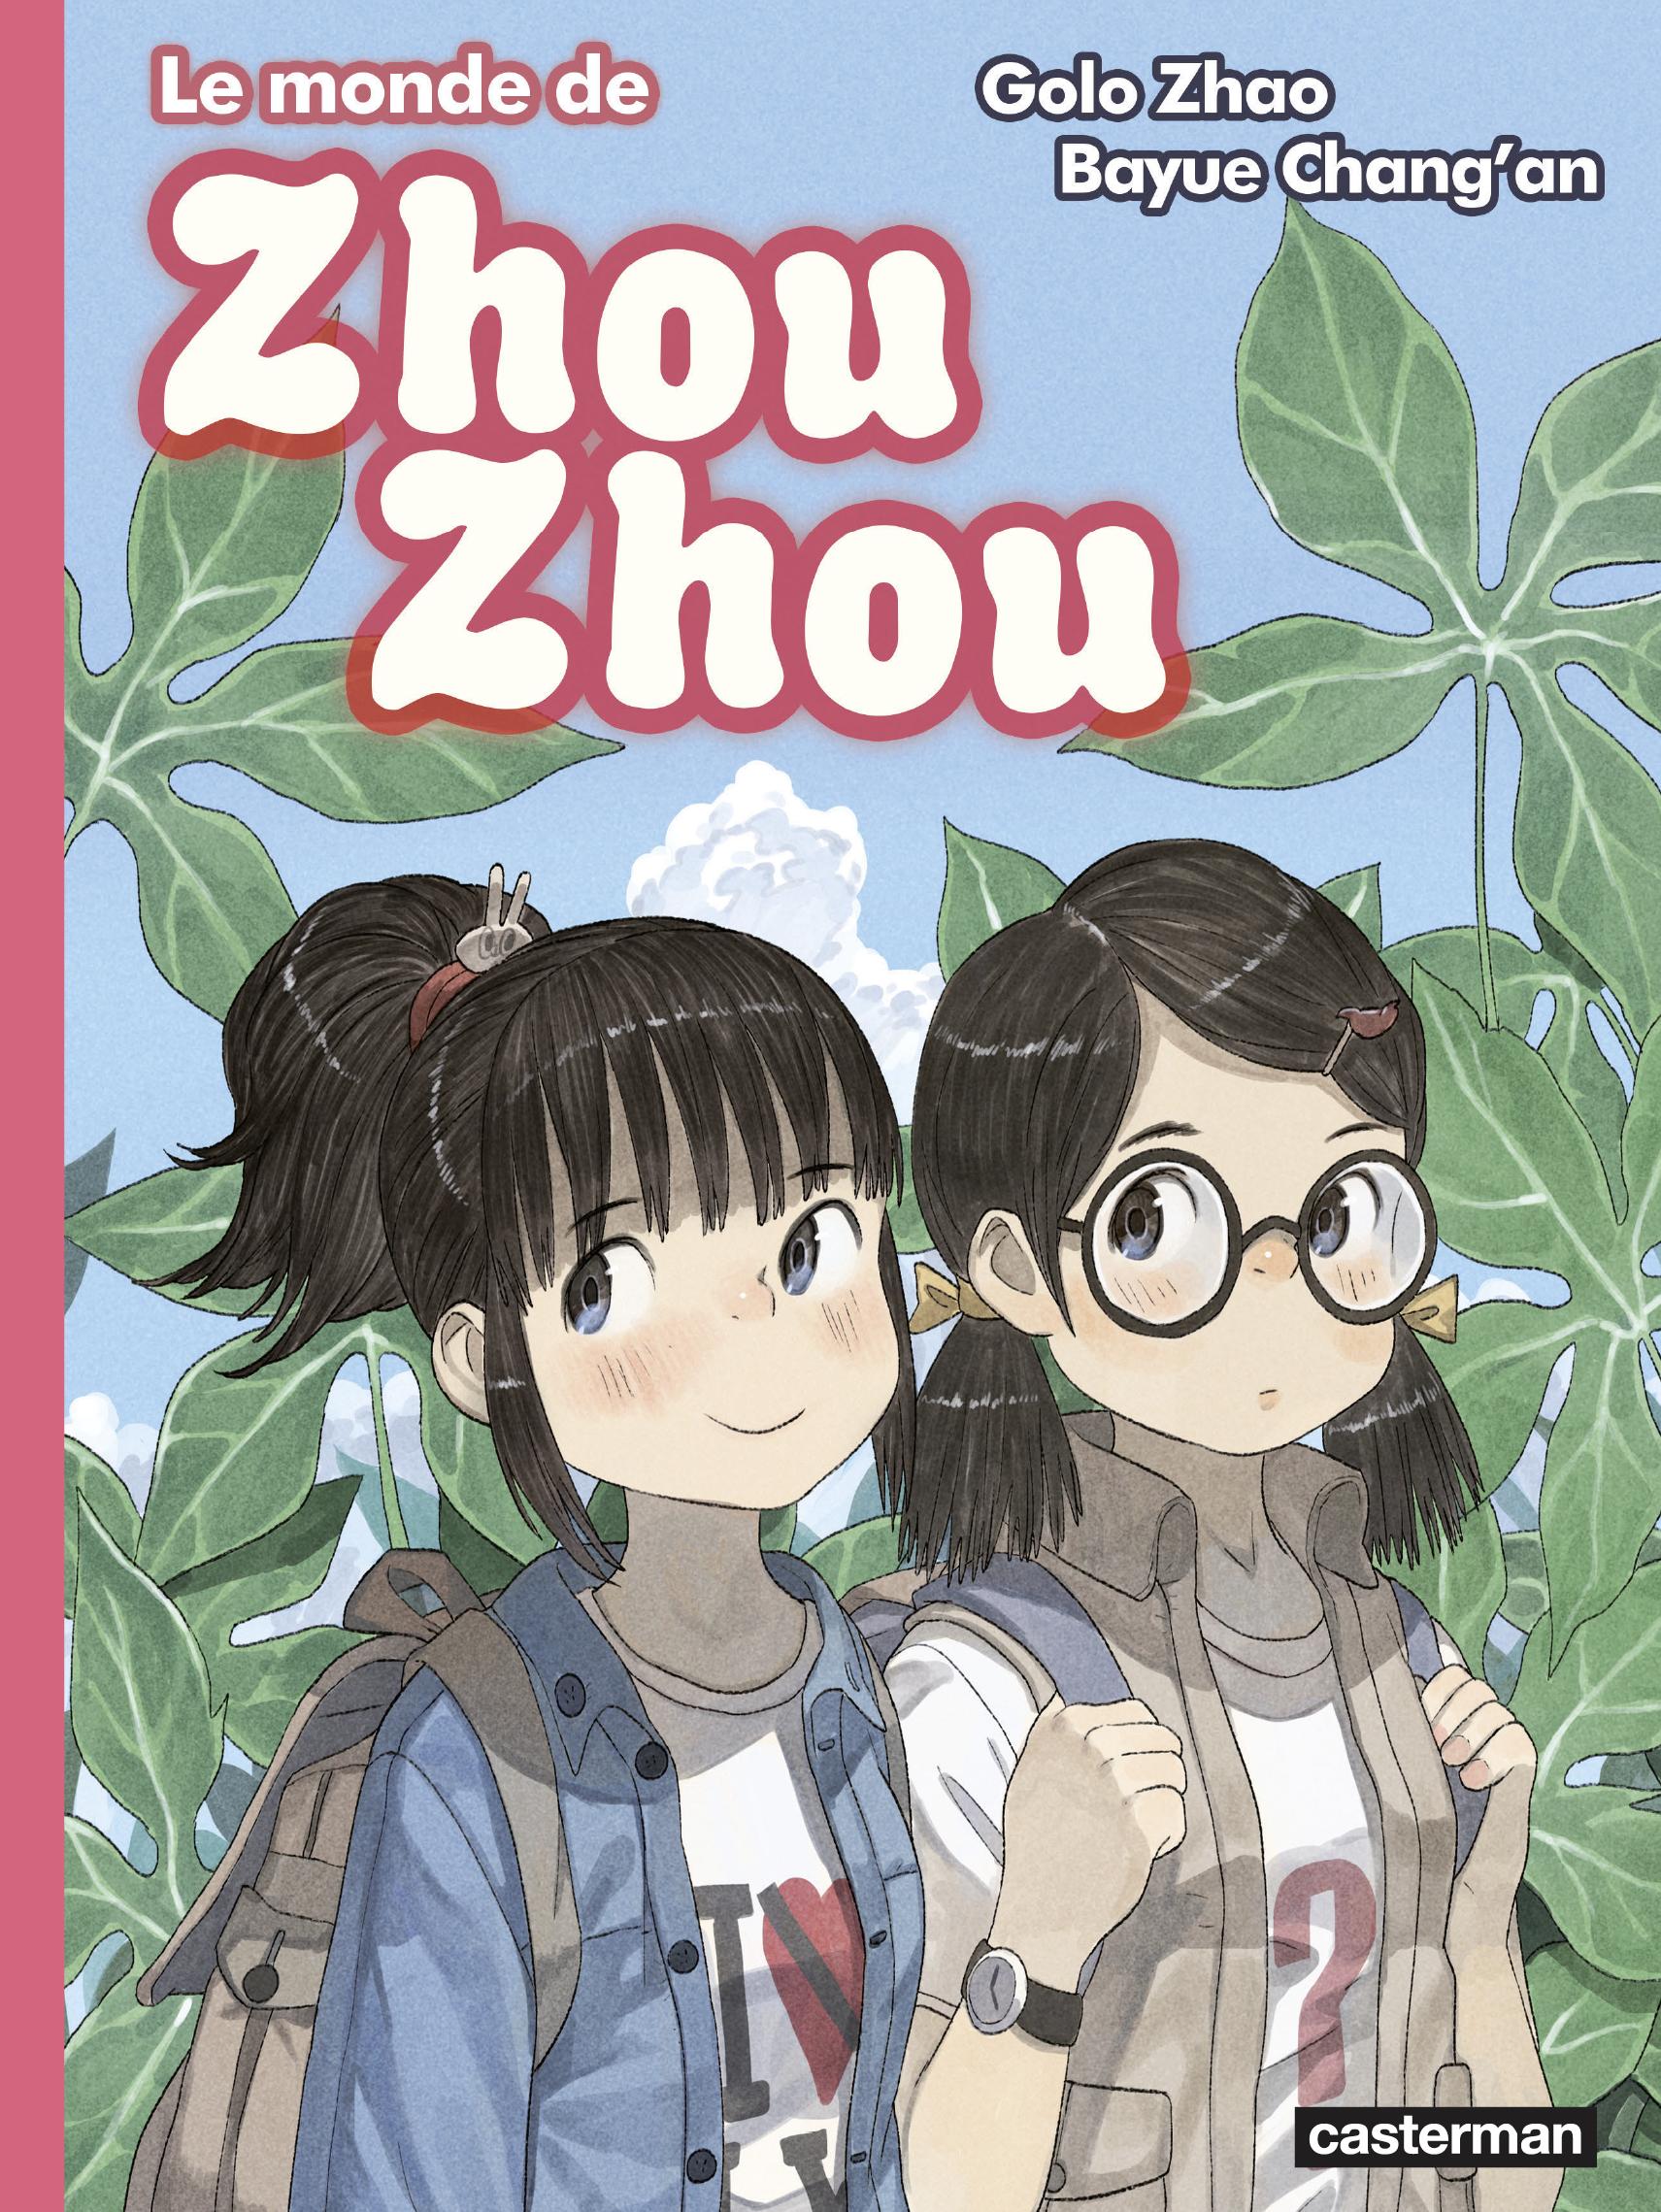 Le monde de Zhou Zhou T.6: Le monde de Zhou Zhou, Golo Zhao